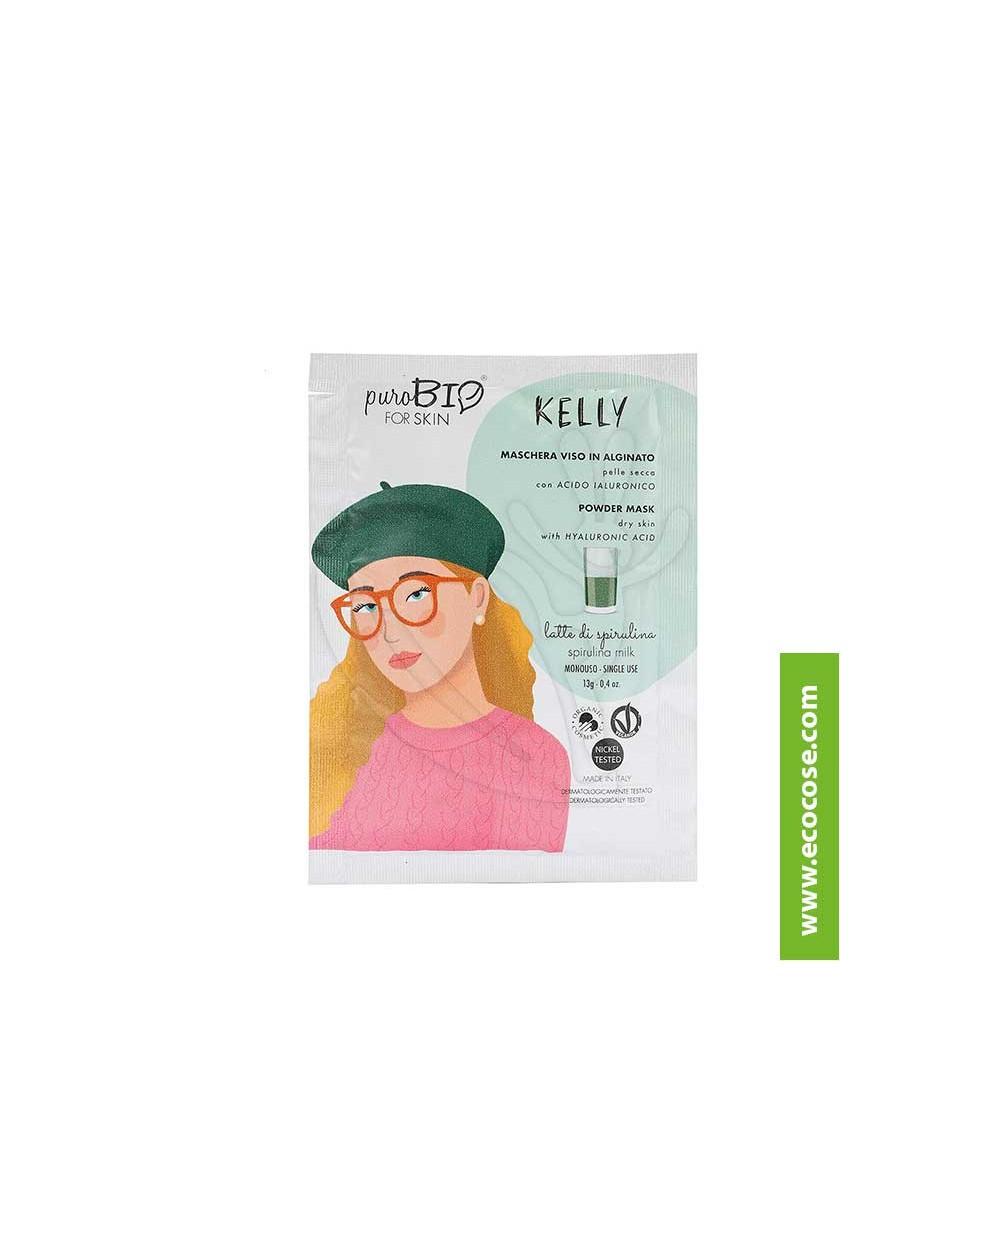 PuroBIO for skin - KELLY - Maschera viso in alginato - 09 Latte di spirulina